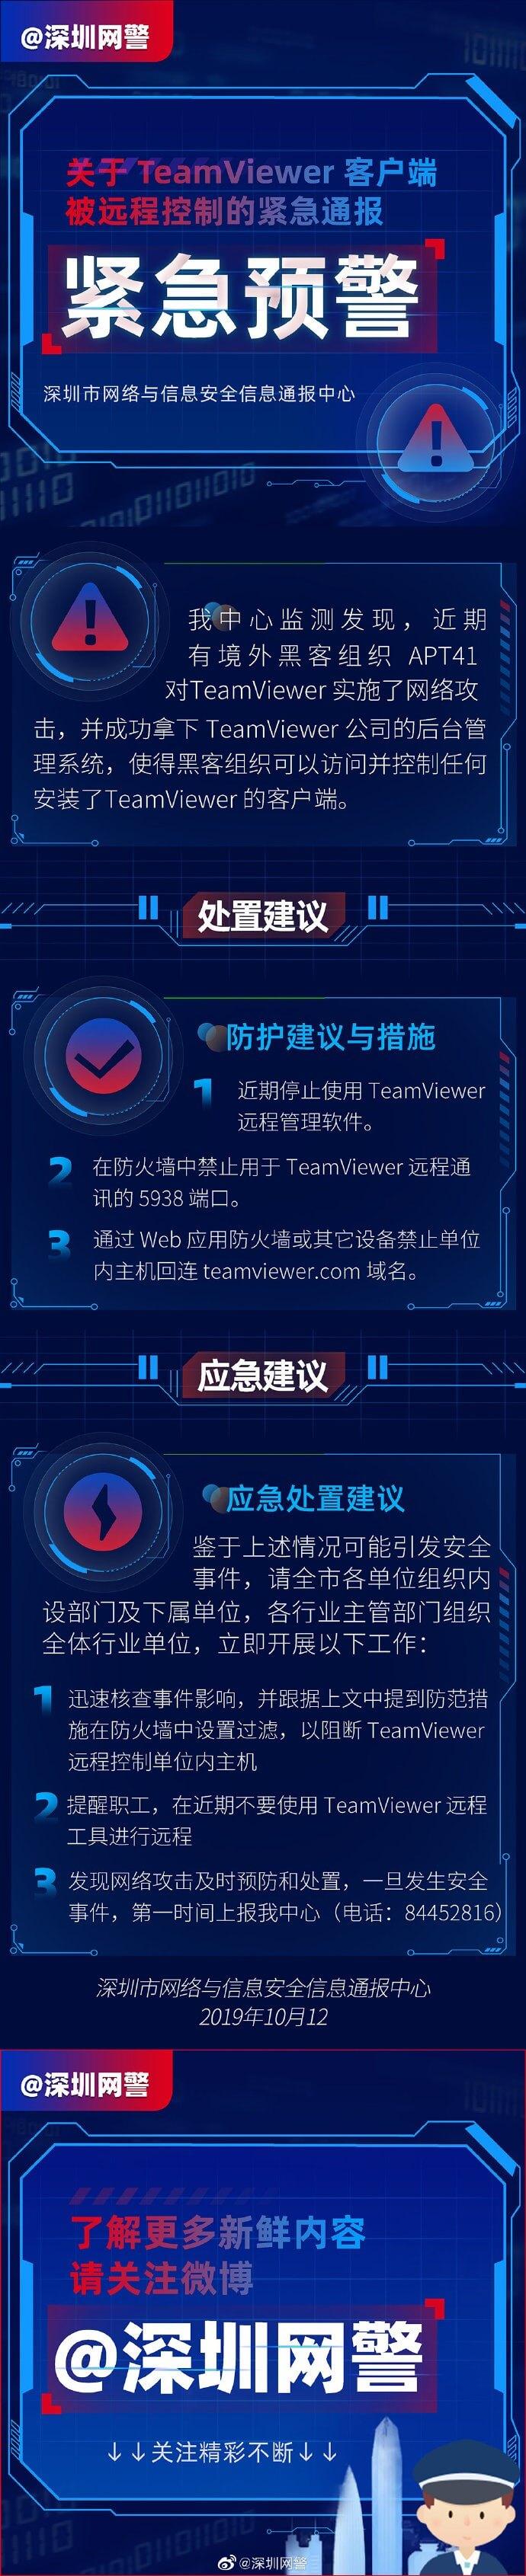 深圳网警:关于TeamViewer客户端被远程控制的紧急通报